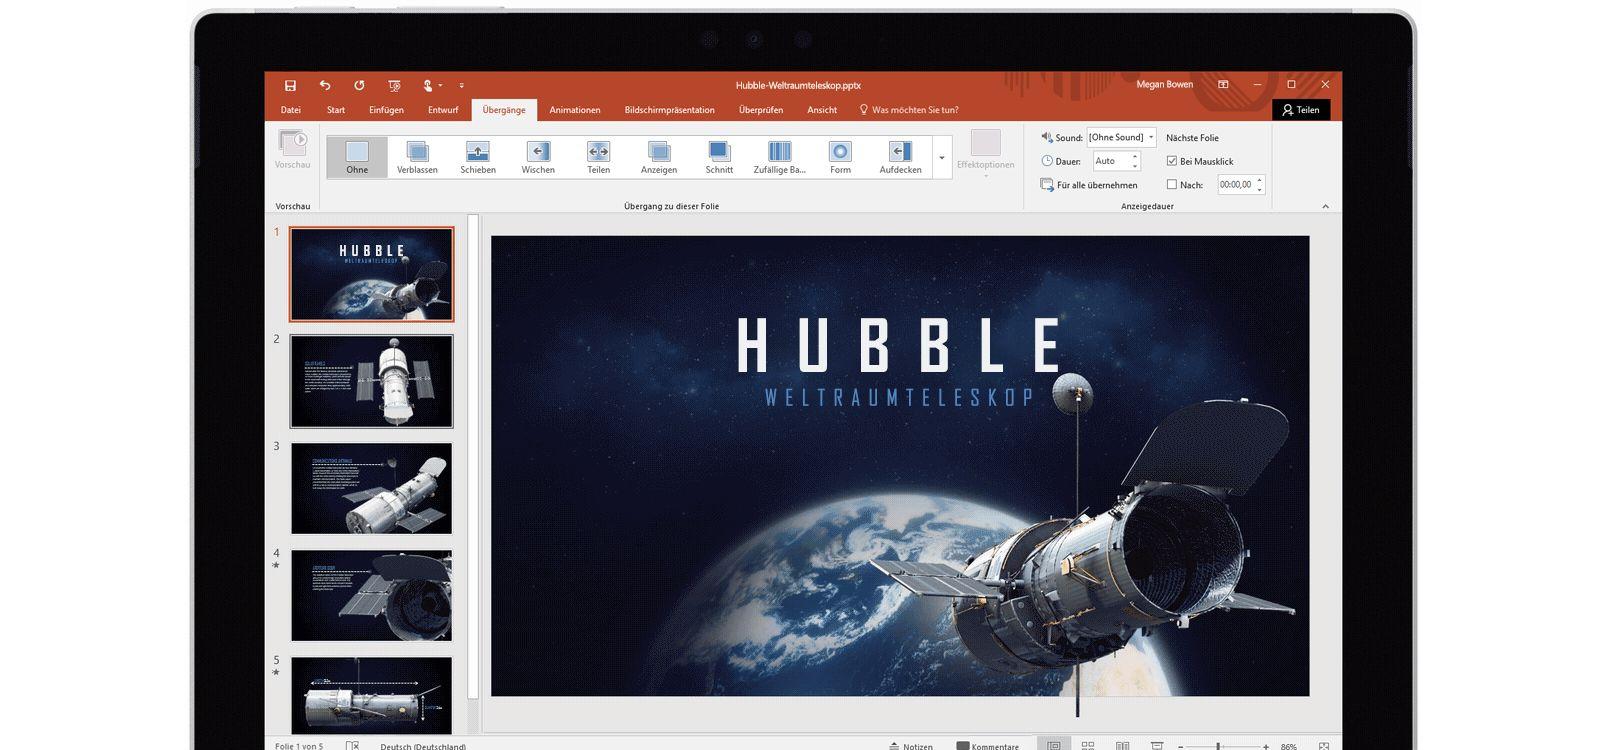 Tabletbildschirm, auf dem der Morph-Effekt in einer PowerPoint-Präsentation über Weltraumteleskope dargestellt wird